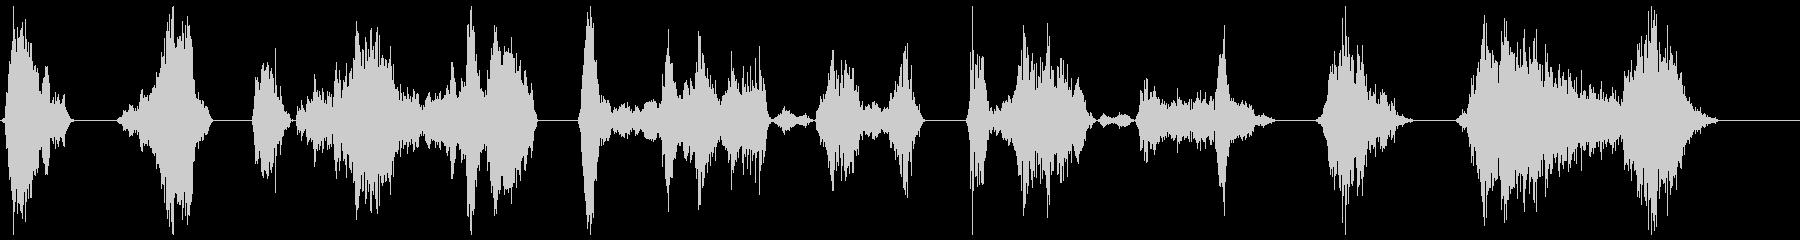 モンスターのうなり声18-24の未再生の波形